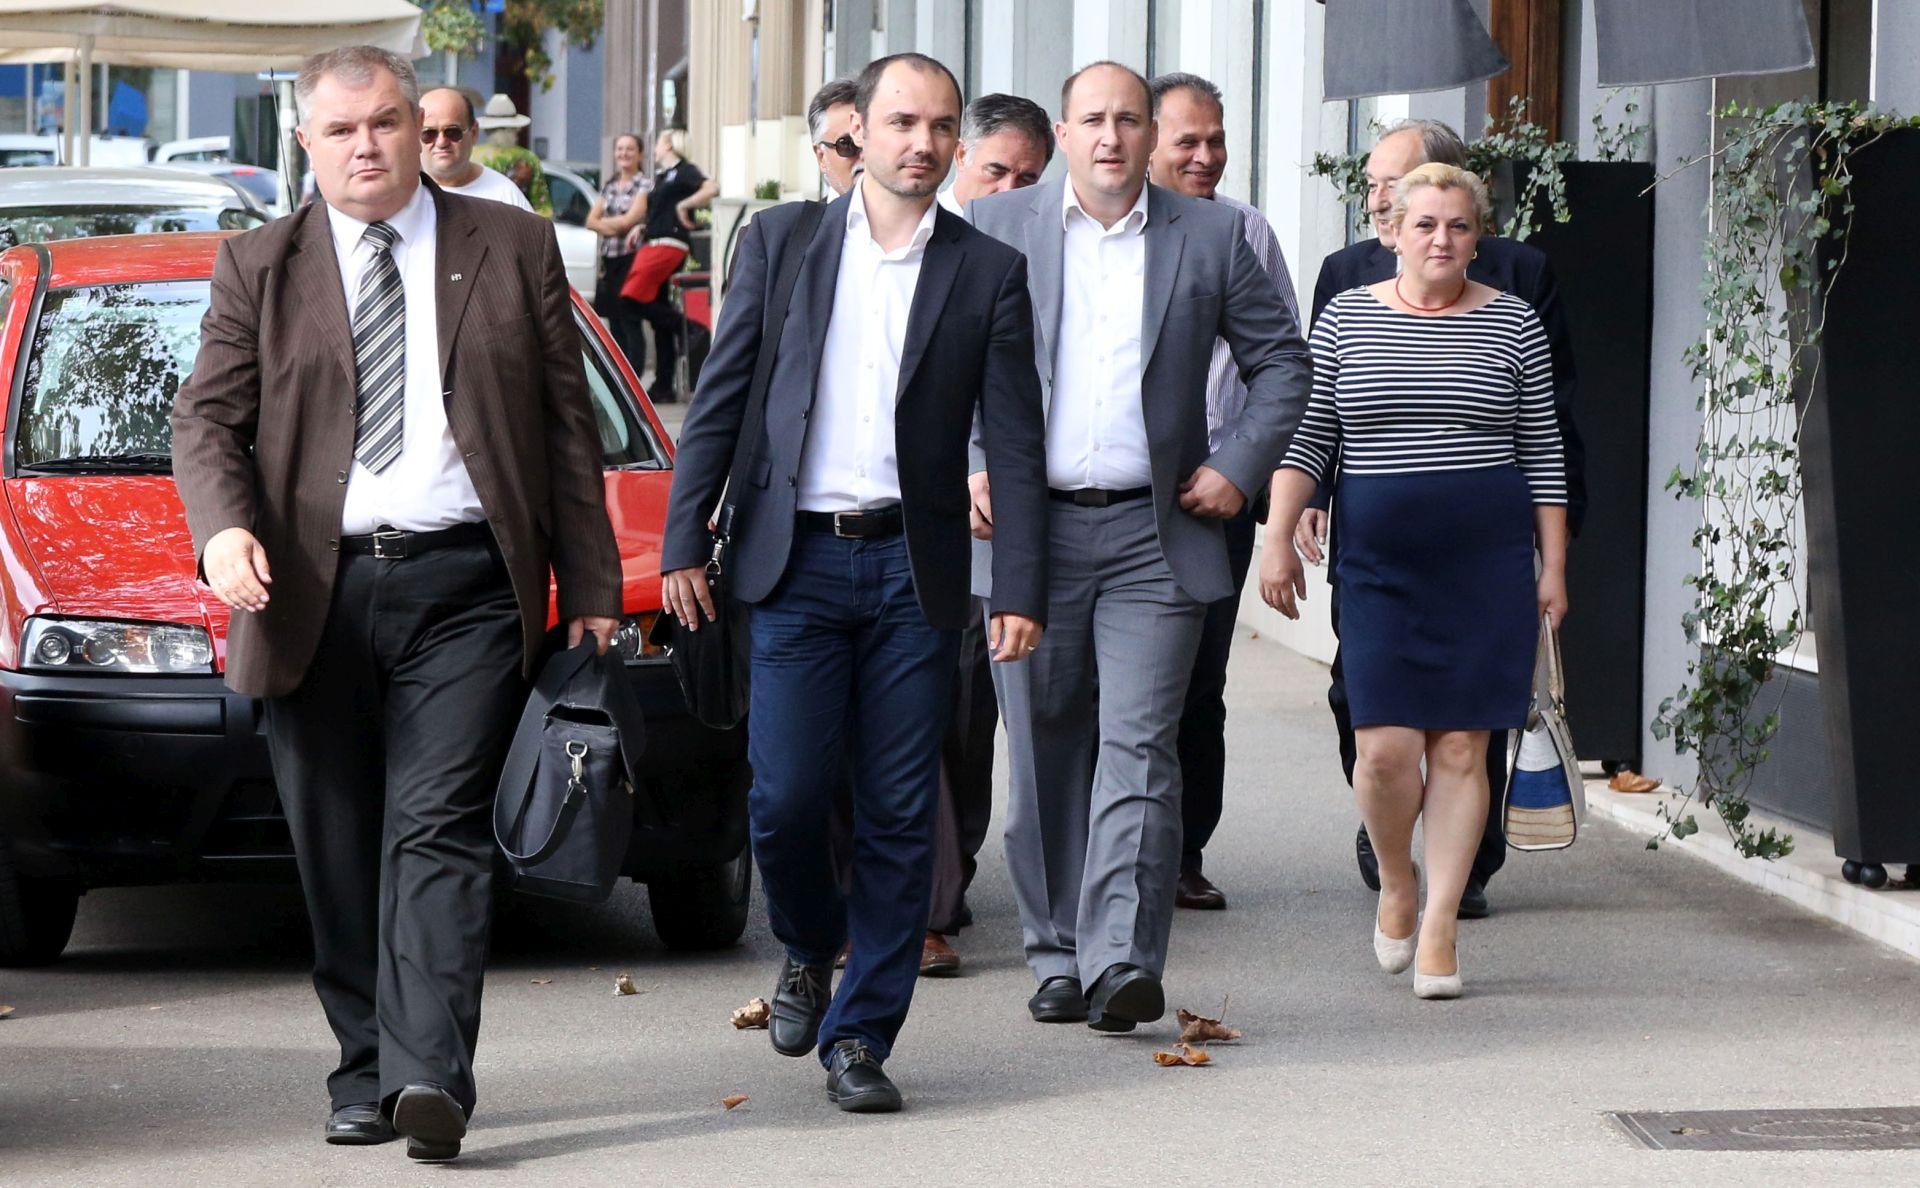 ROBERT JANKOVICS: 'Suglasili smo se podržati Plenkovića za budućeg mandatara'